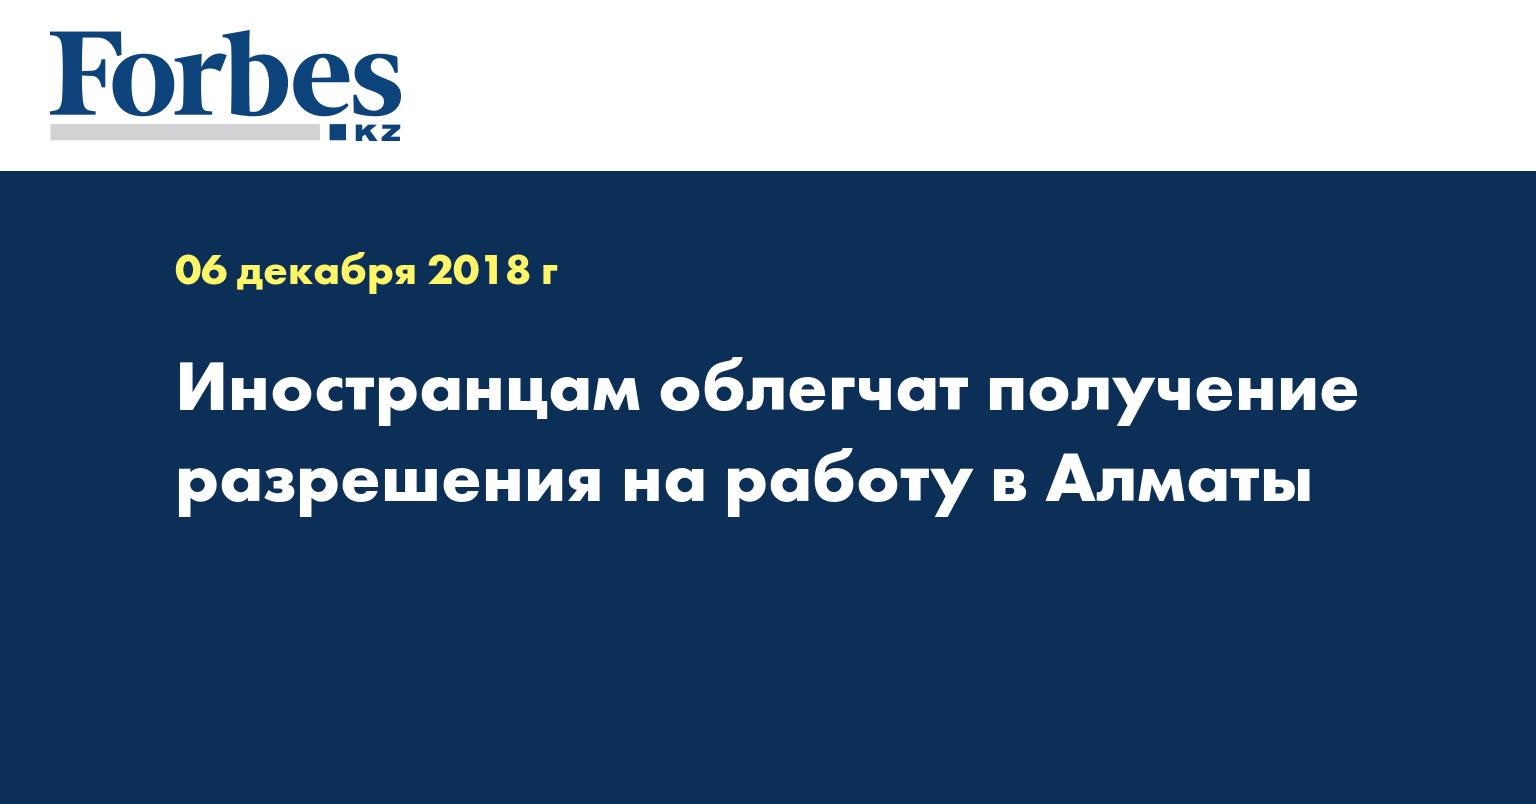 Иностранцам облегчат получение разрешения на работу в Алматы